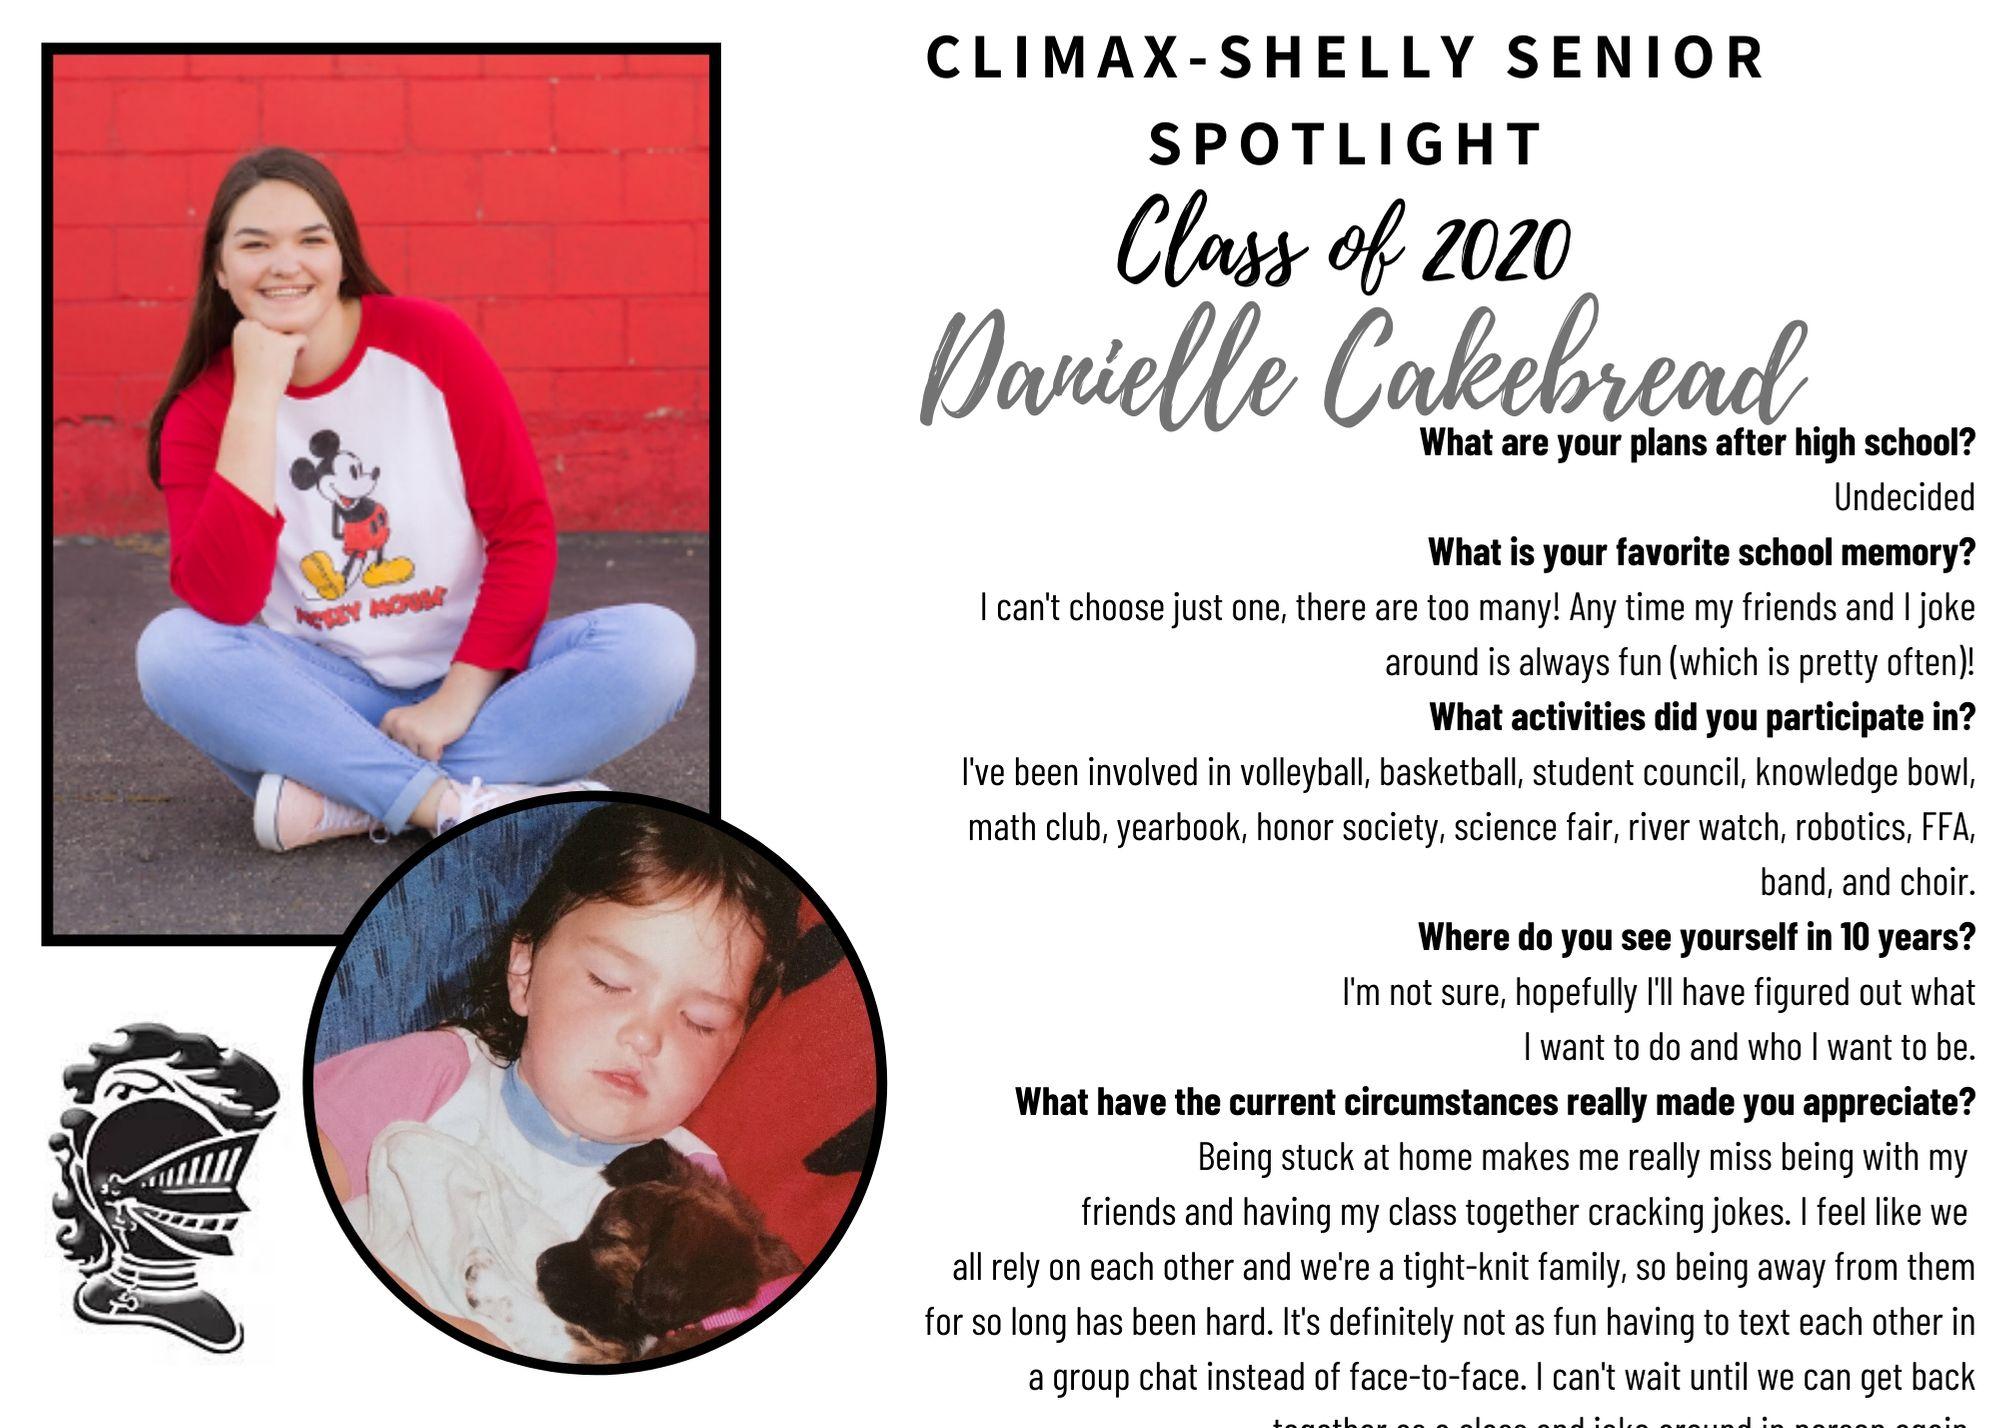 Danielle Cakebread Senior Spotlight